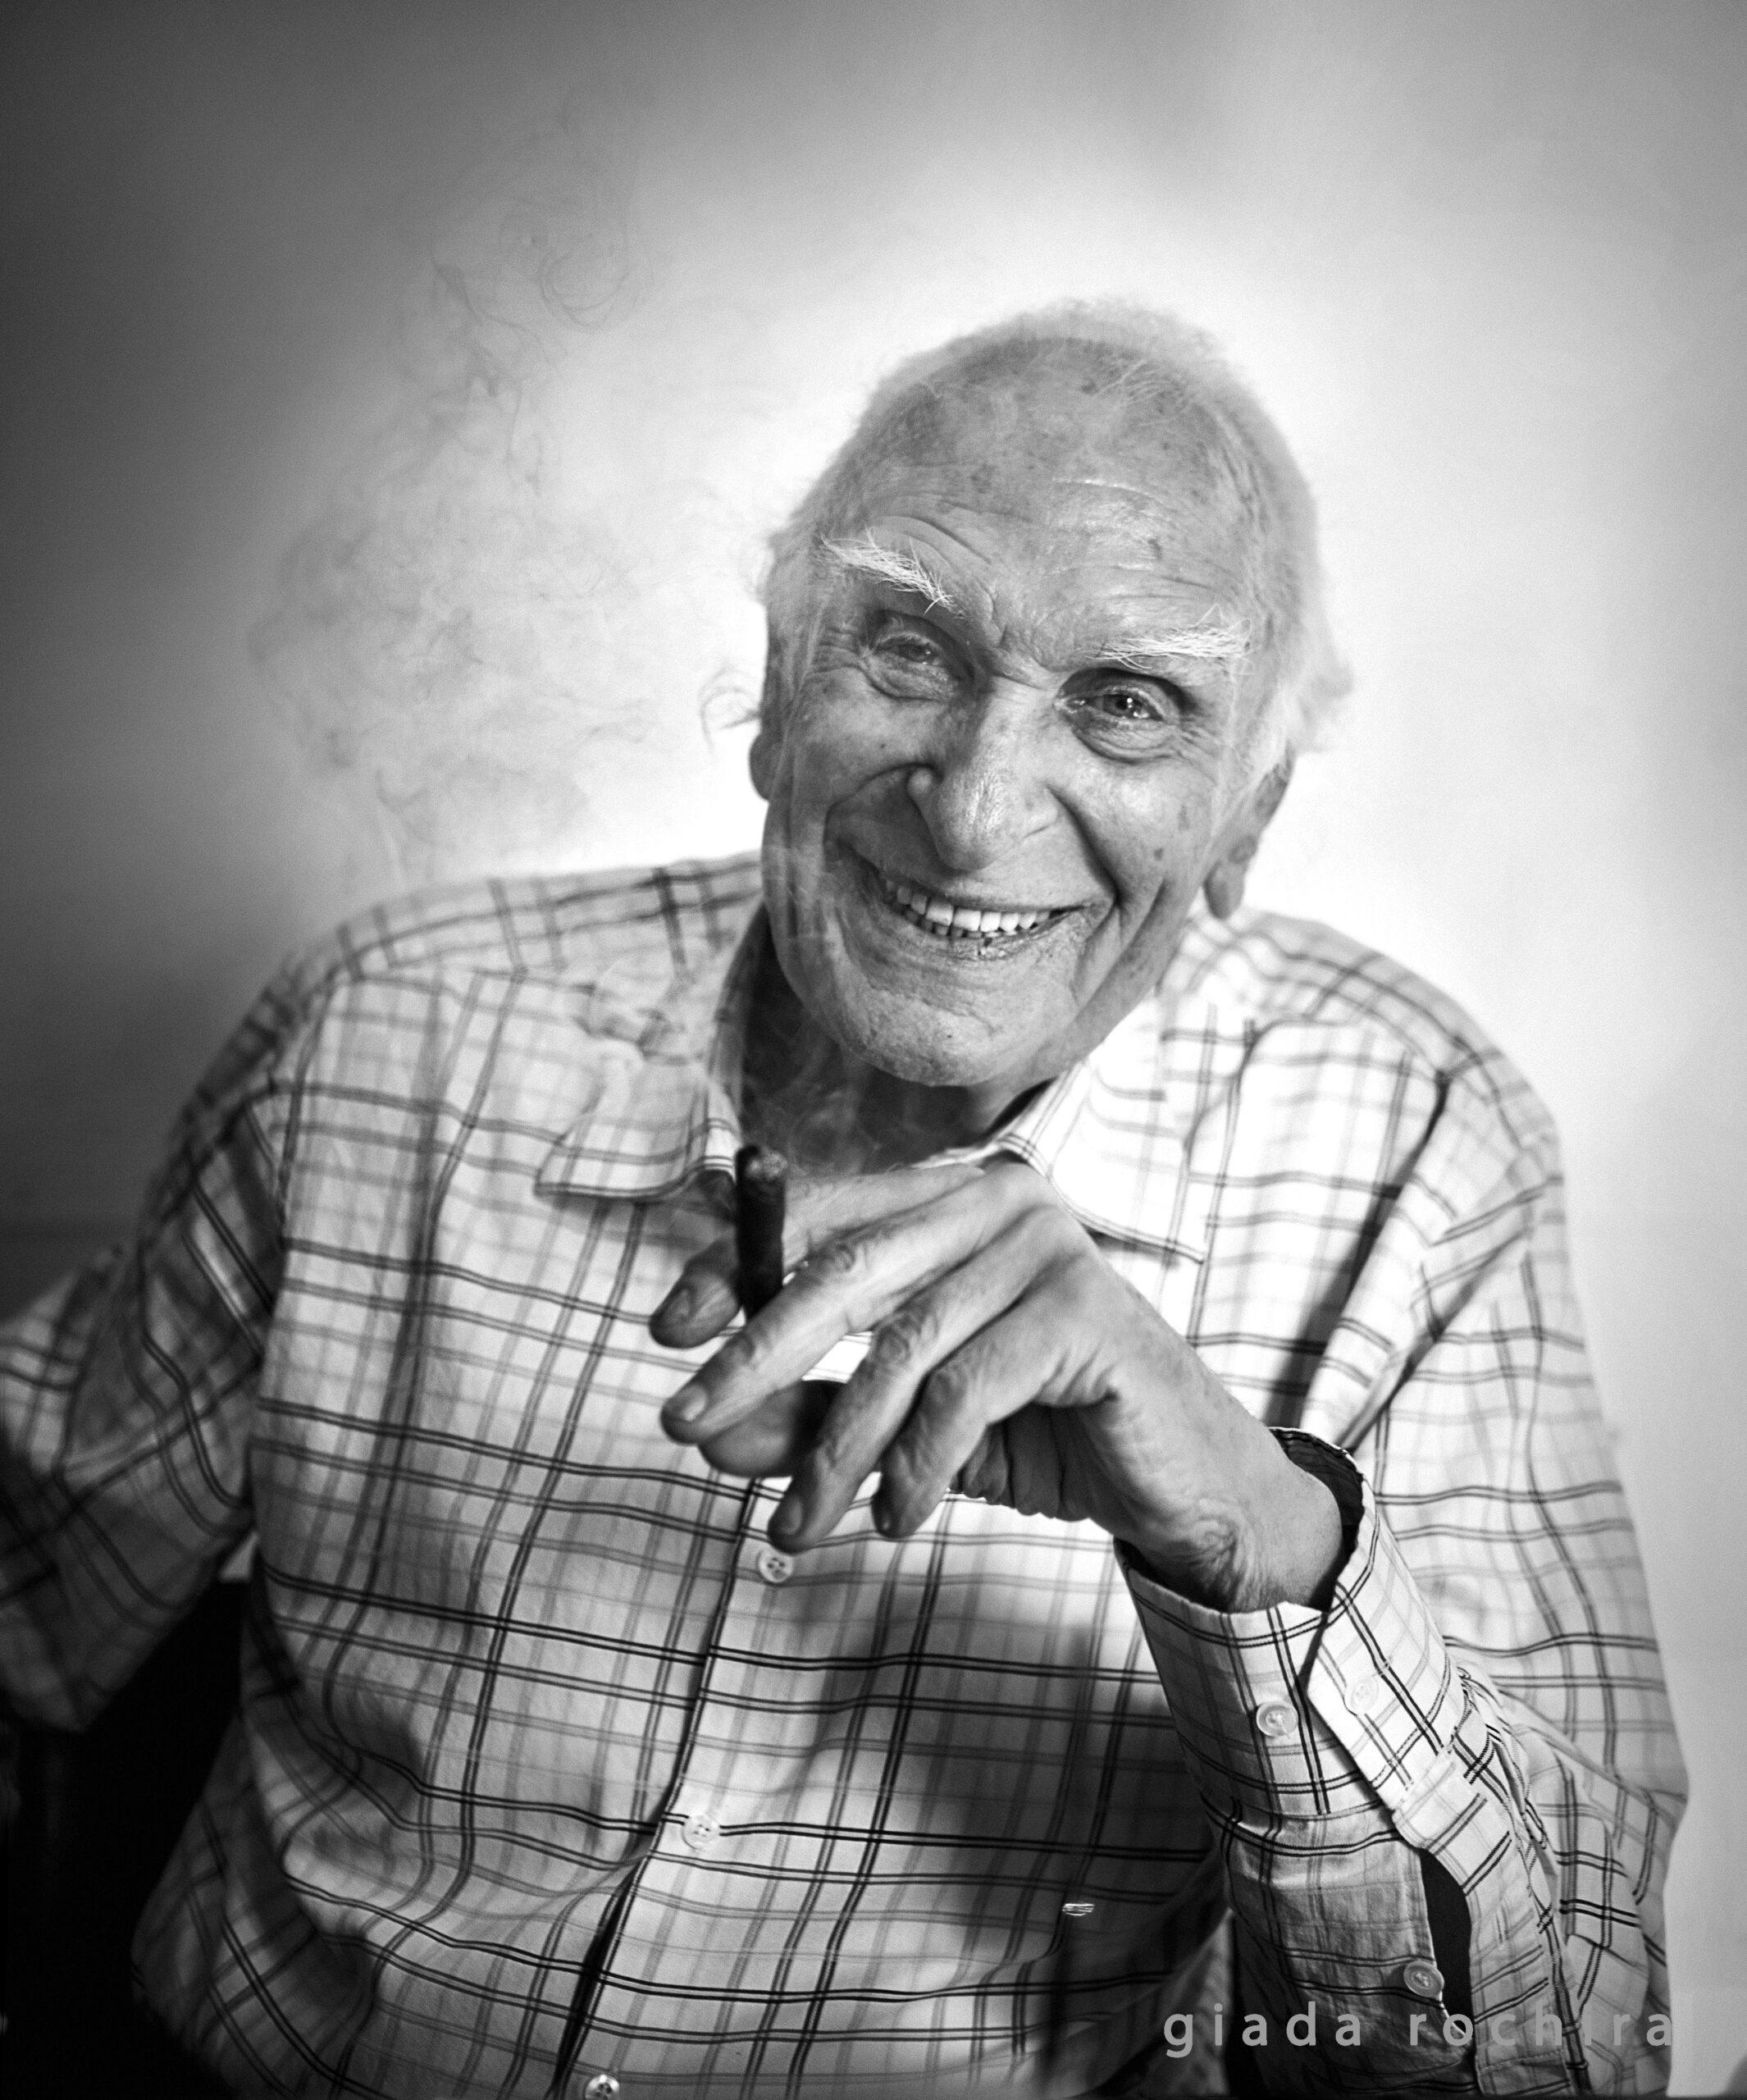 """""""Genesi di un'immagine"""", di Giada Rochira: Marco Pannella ed il fumo in fotografia"""